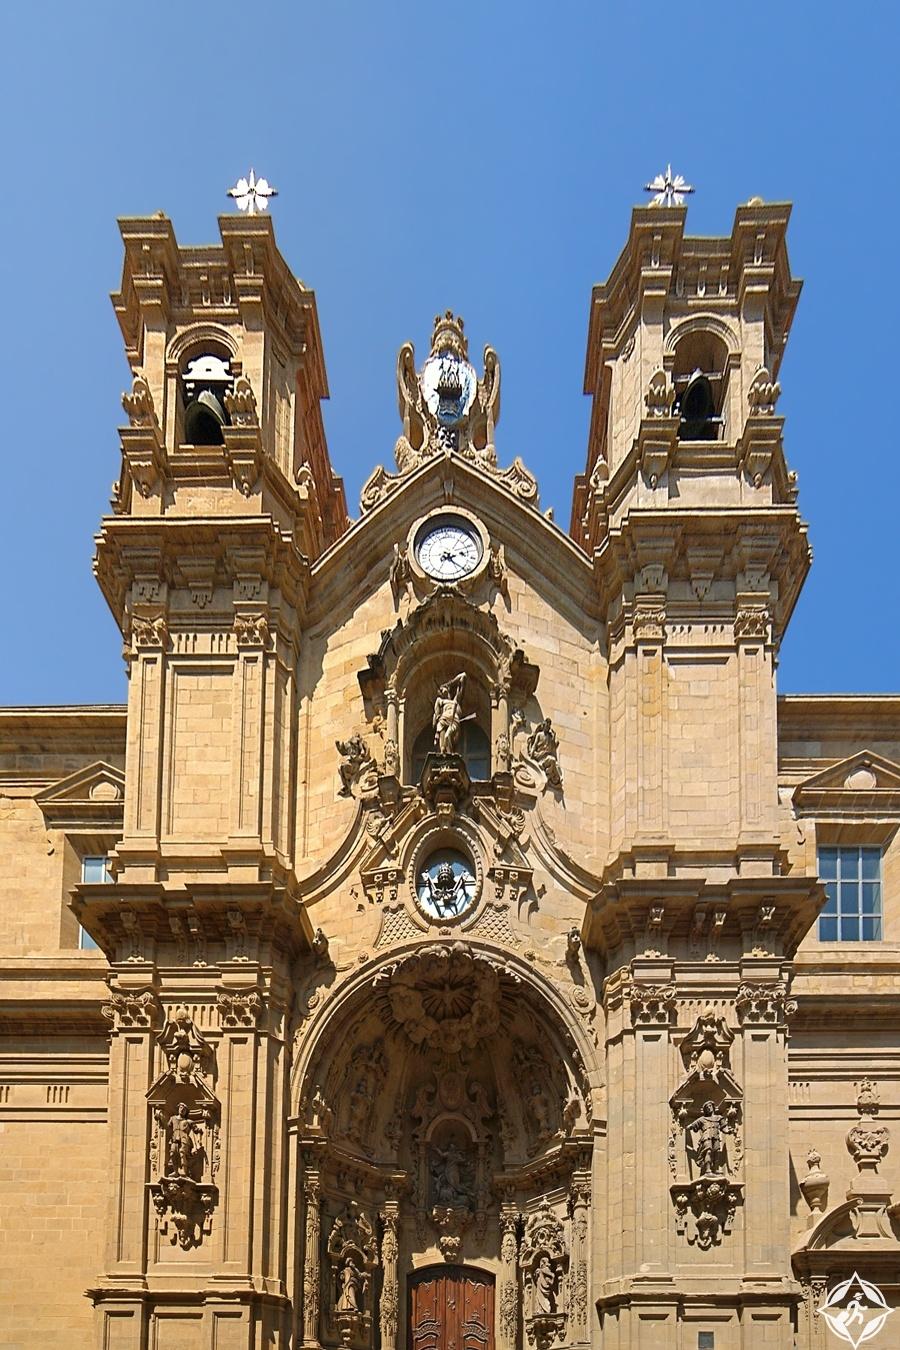 سان سيباستيان - كنيسة سانتا ماريا ديل كورو